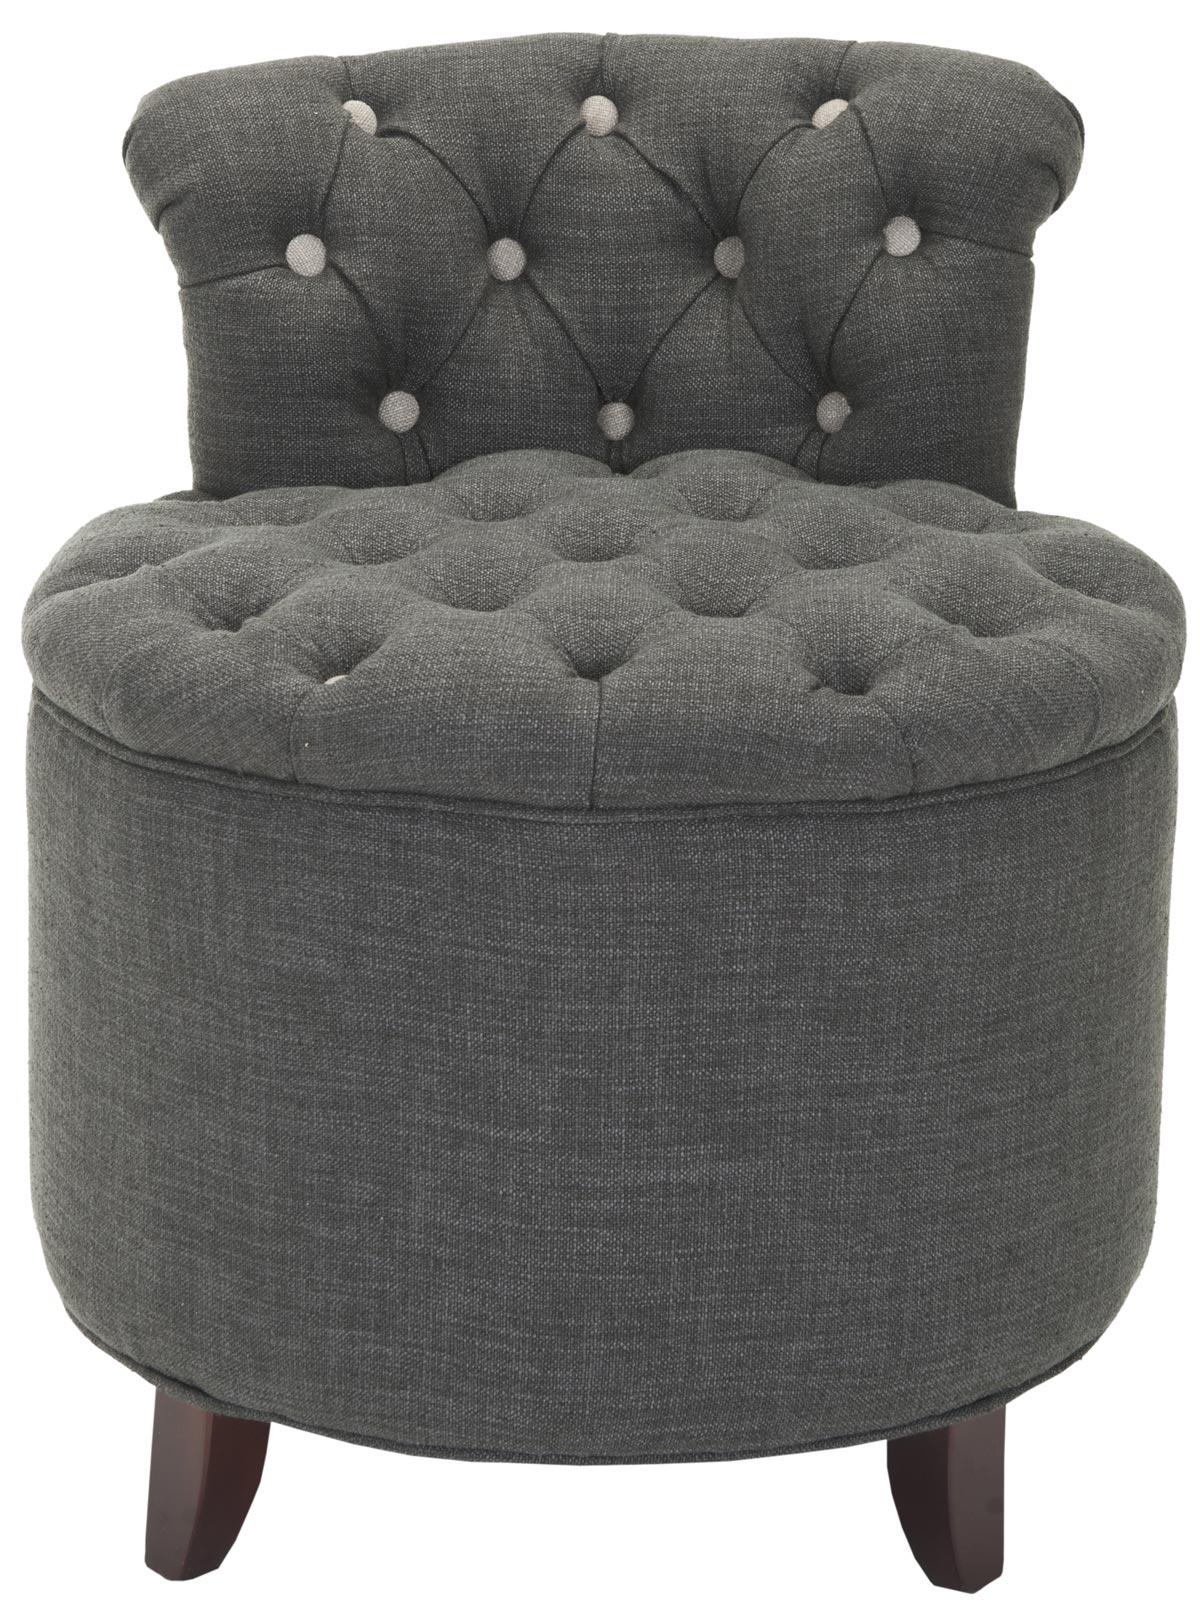 vanity chair or stool. REBECCA TUFTED VANITY STOOL MCR4518A STOOLS Vanity Stools  Furniture by Safavieh